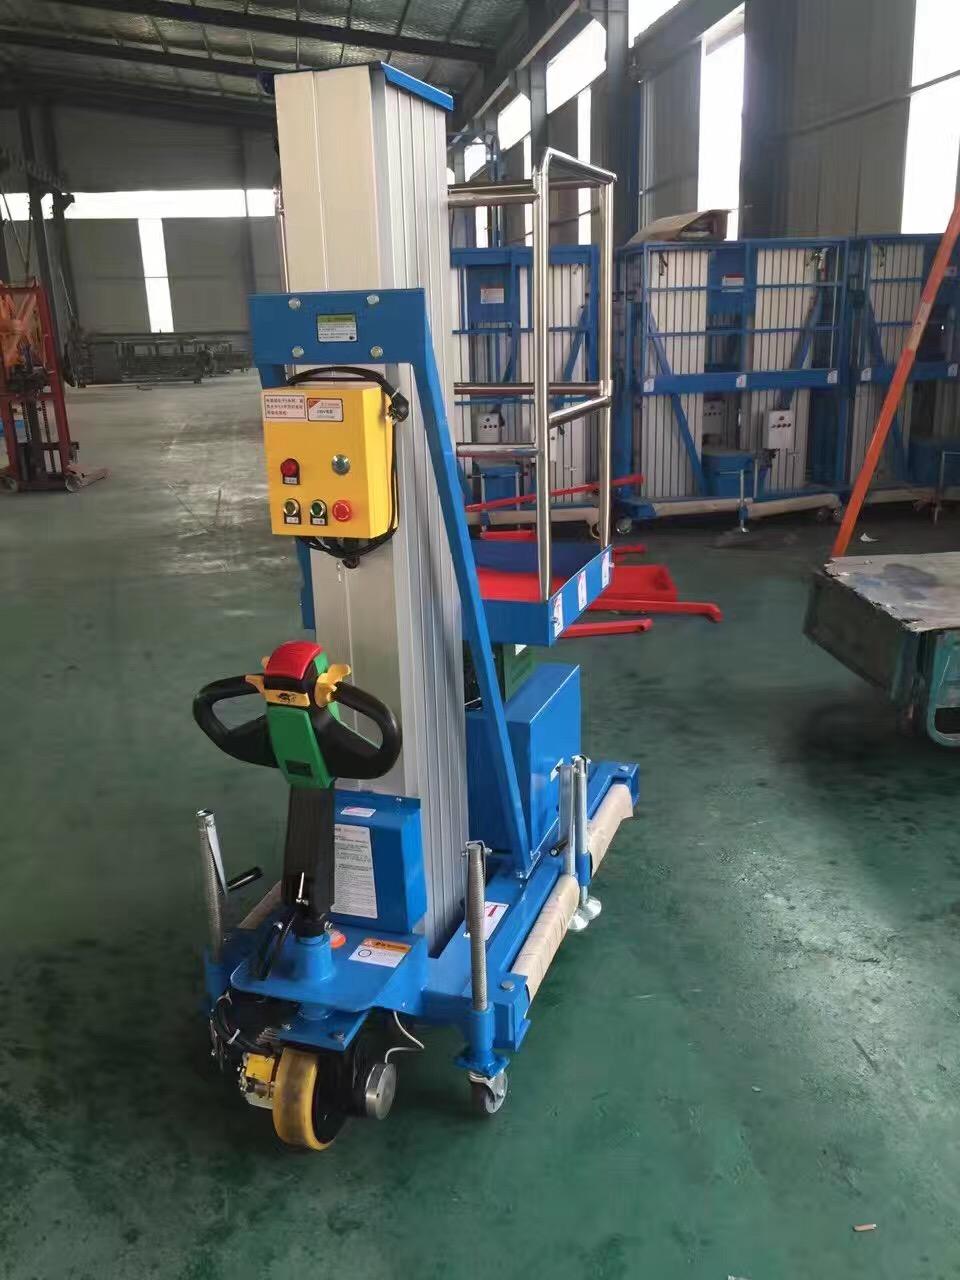 黑龙江豪华平台生产厂家升降机哪家好13781906018